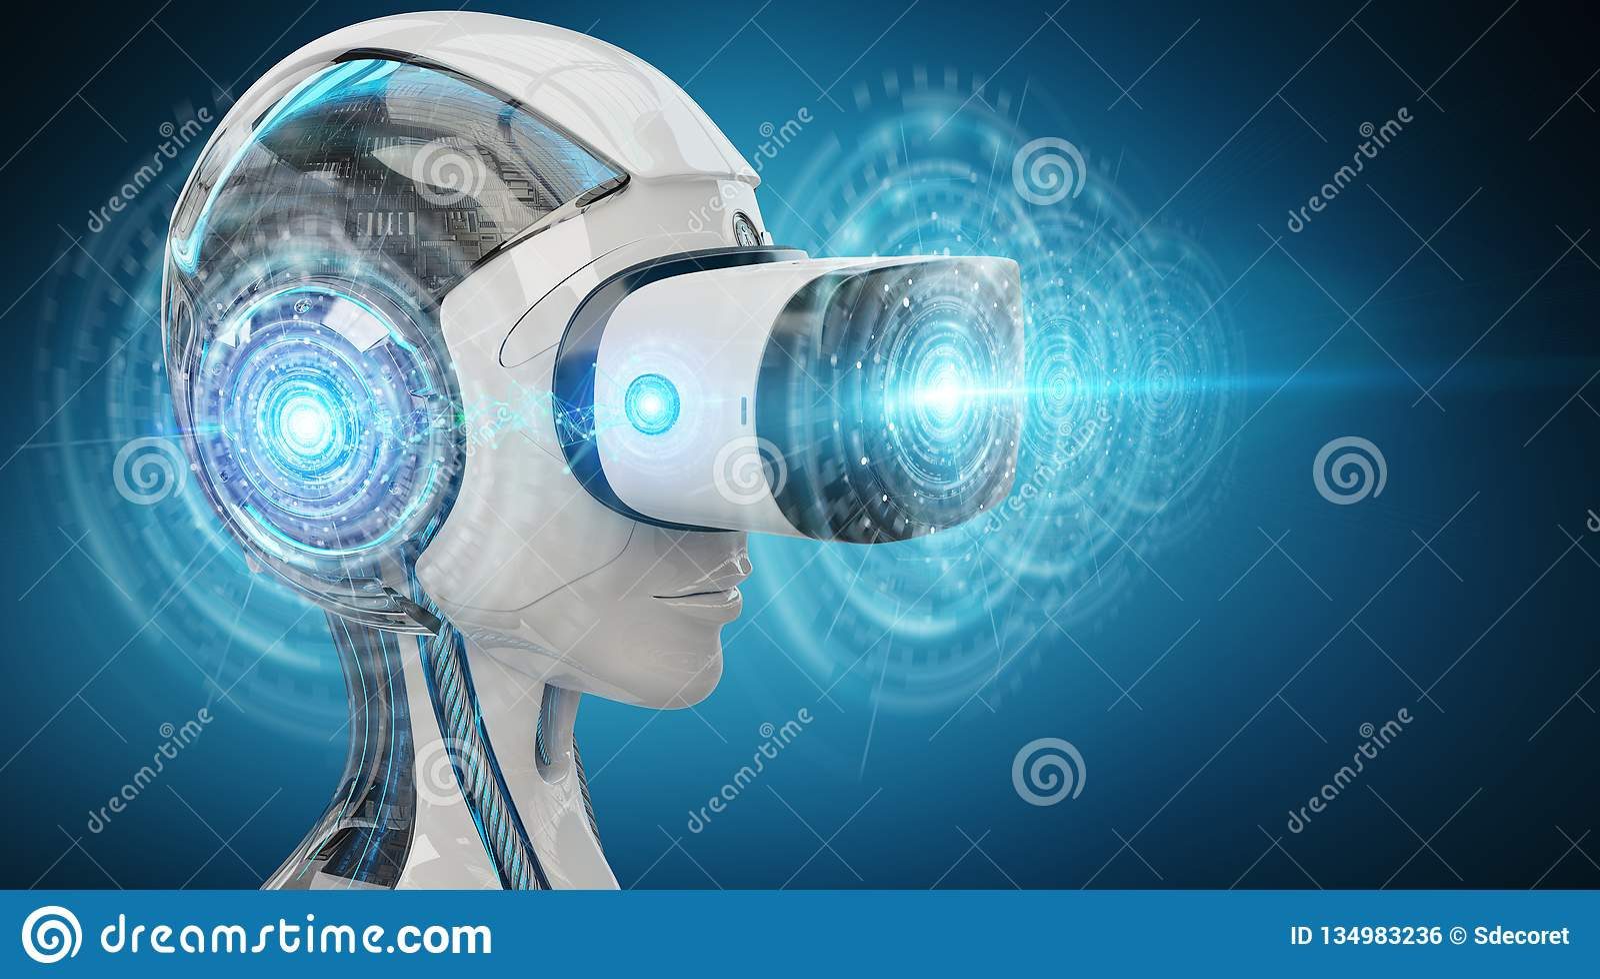 Representación del ejemplo 3D de la realidad virtual y de la inteligencia artificial